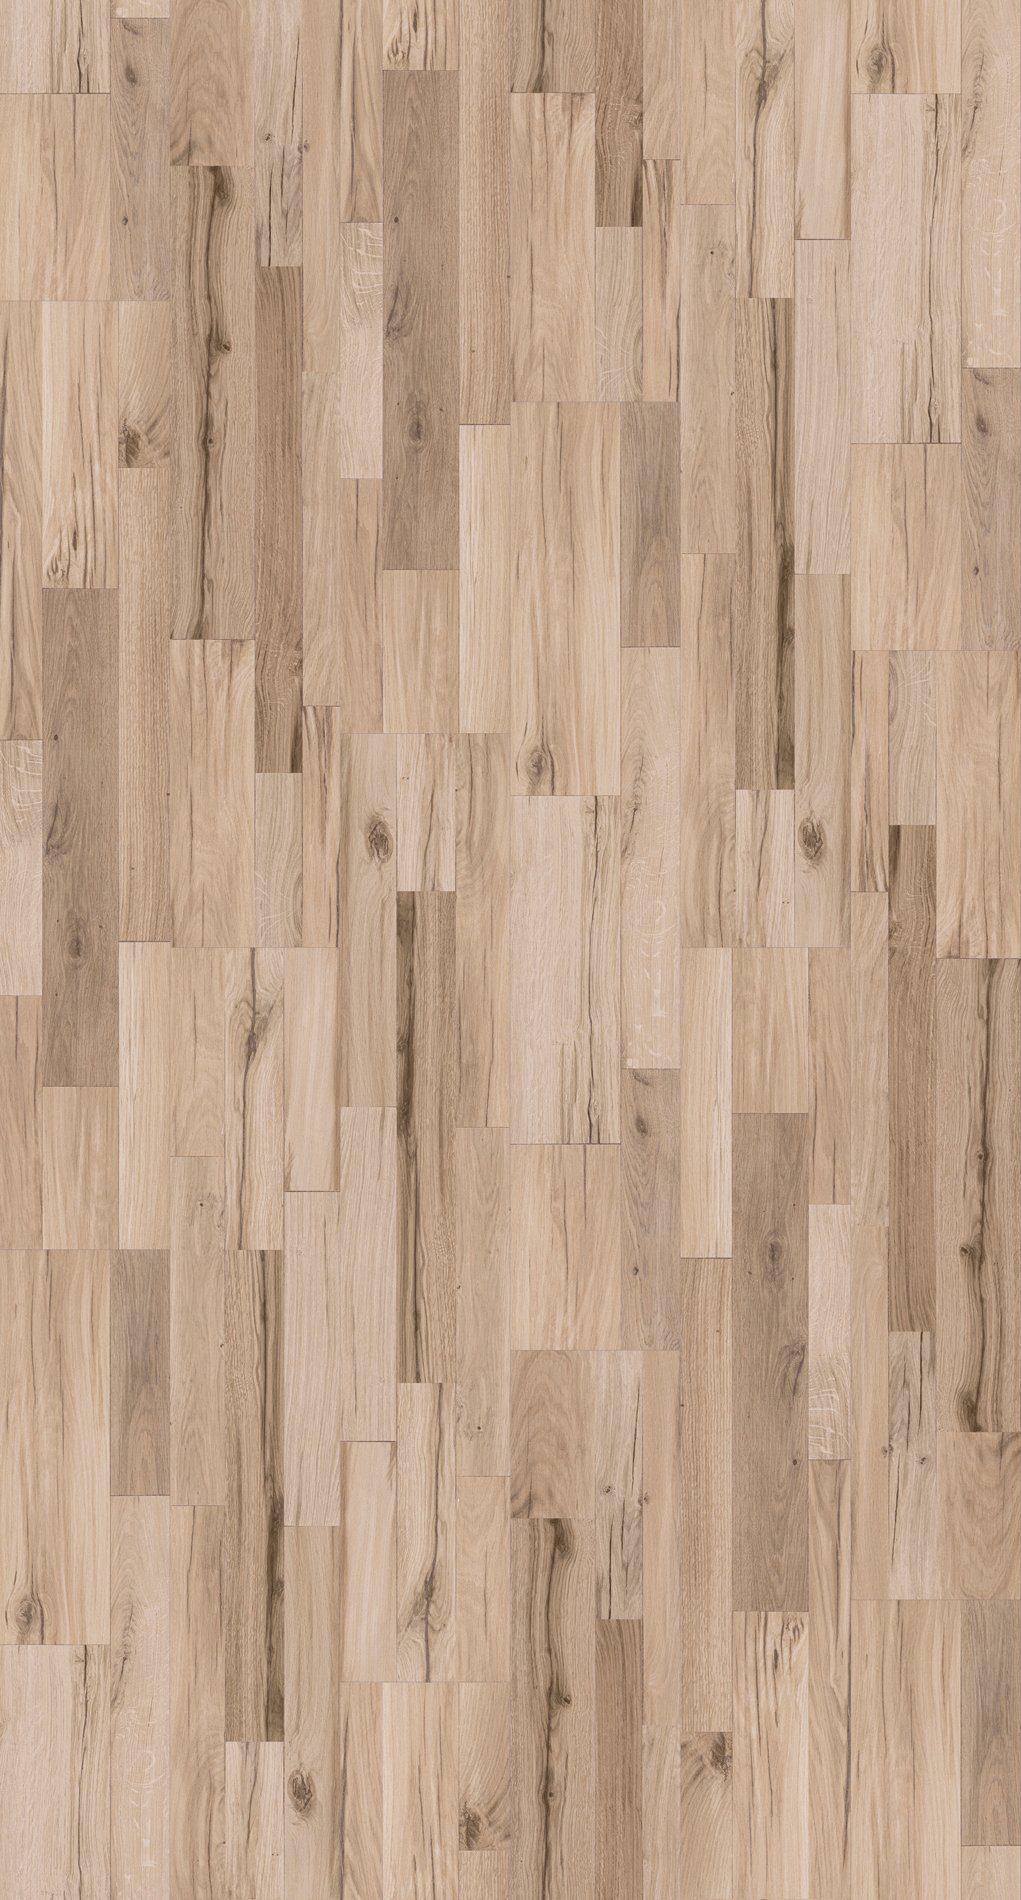 PARADOR Packung: Vinylboden »Basic 30 - Eiche Variant geschliffen«, 1223 x 216 x 8,1 mm, 1,8 m²